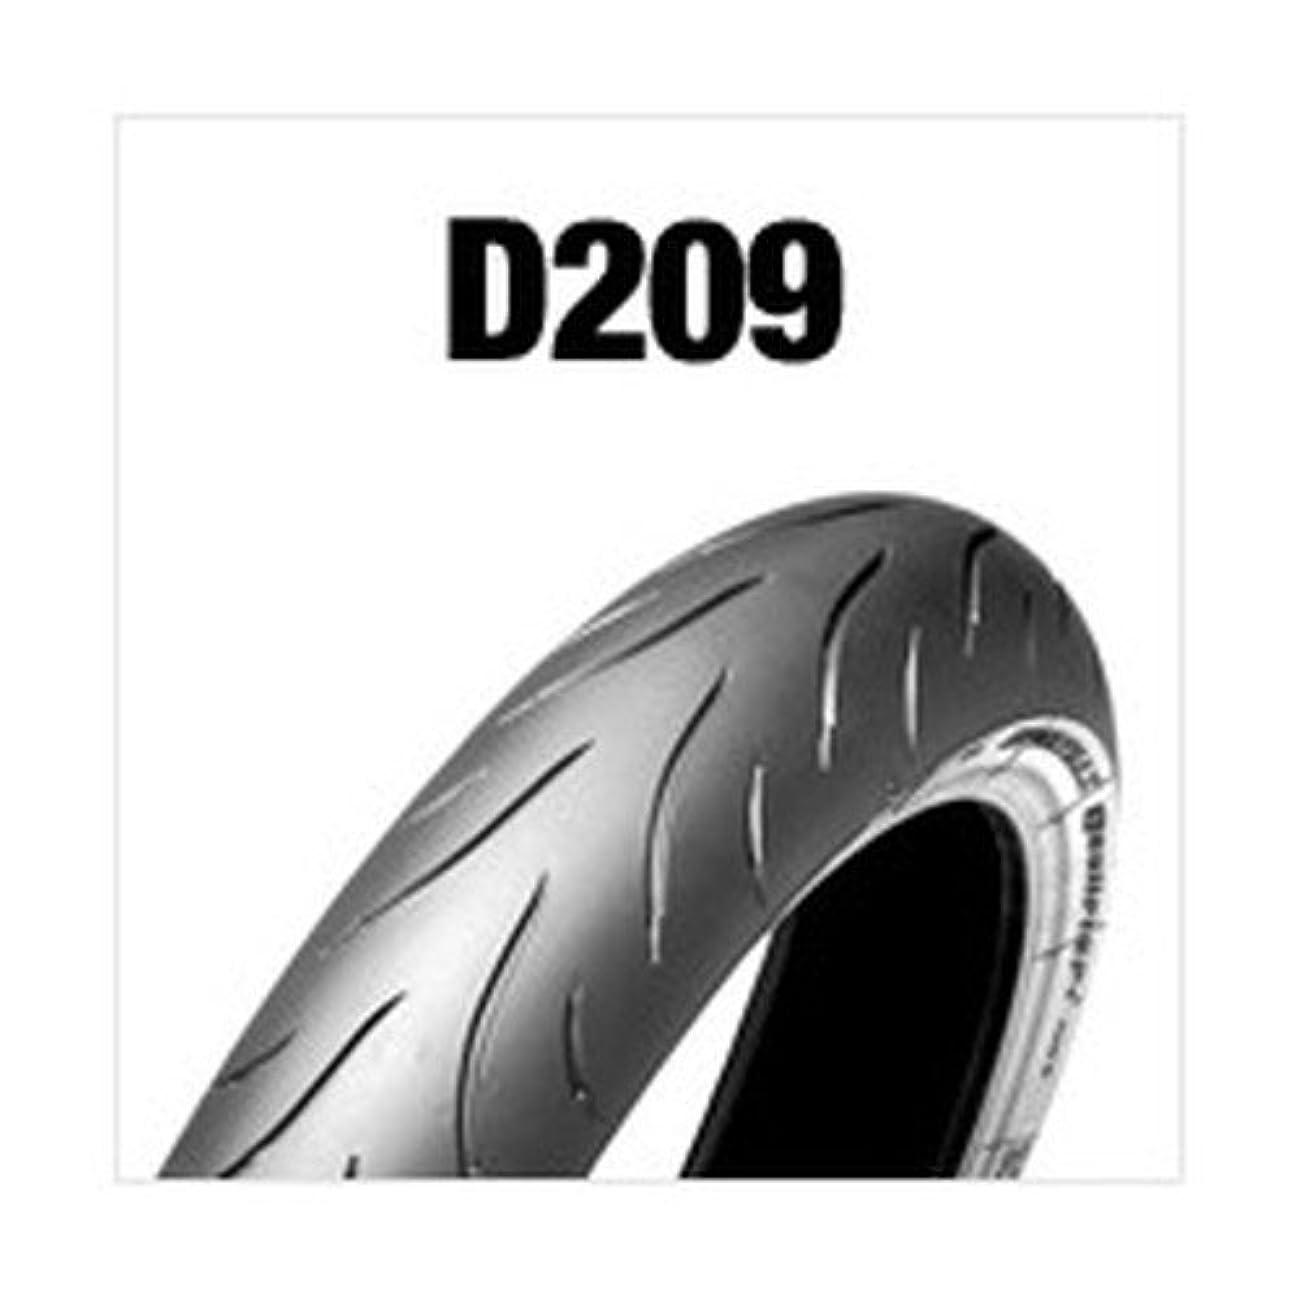 相対的里親ほぼDUNLOP(ダンロップ)バイクタイヤ D209 フロント 120/70ZR18 M/C 59W チューブレスタイプ(TL) ラジアル構造 ブラックサイドウォール(BW) 286019 二輪 オートバイ用